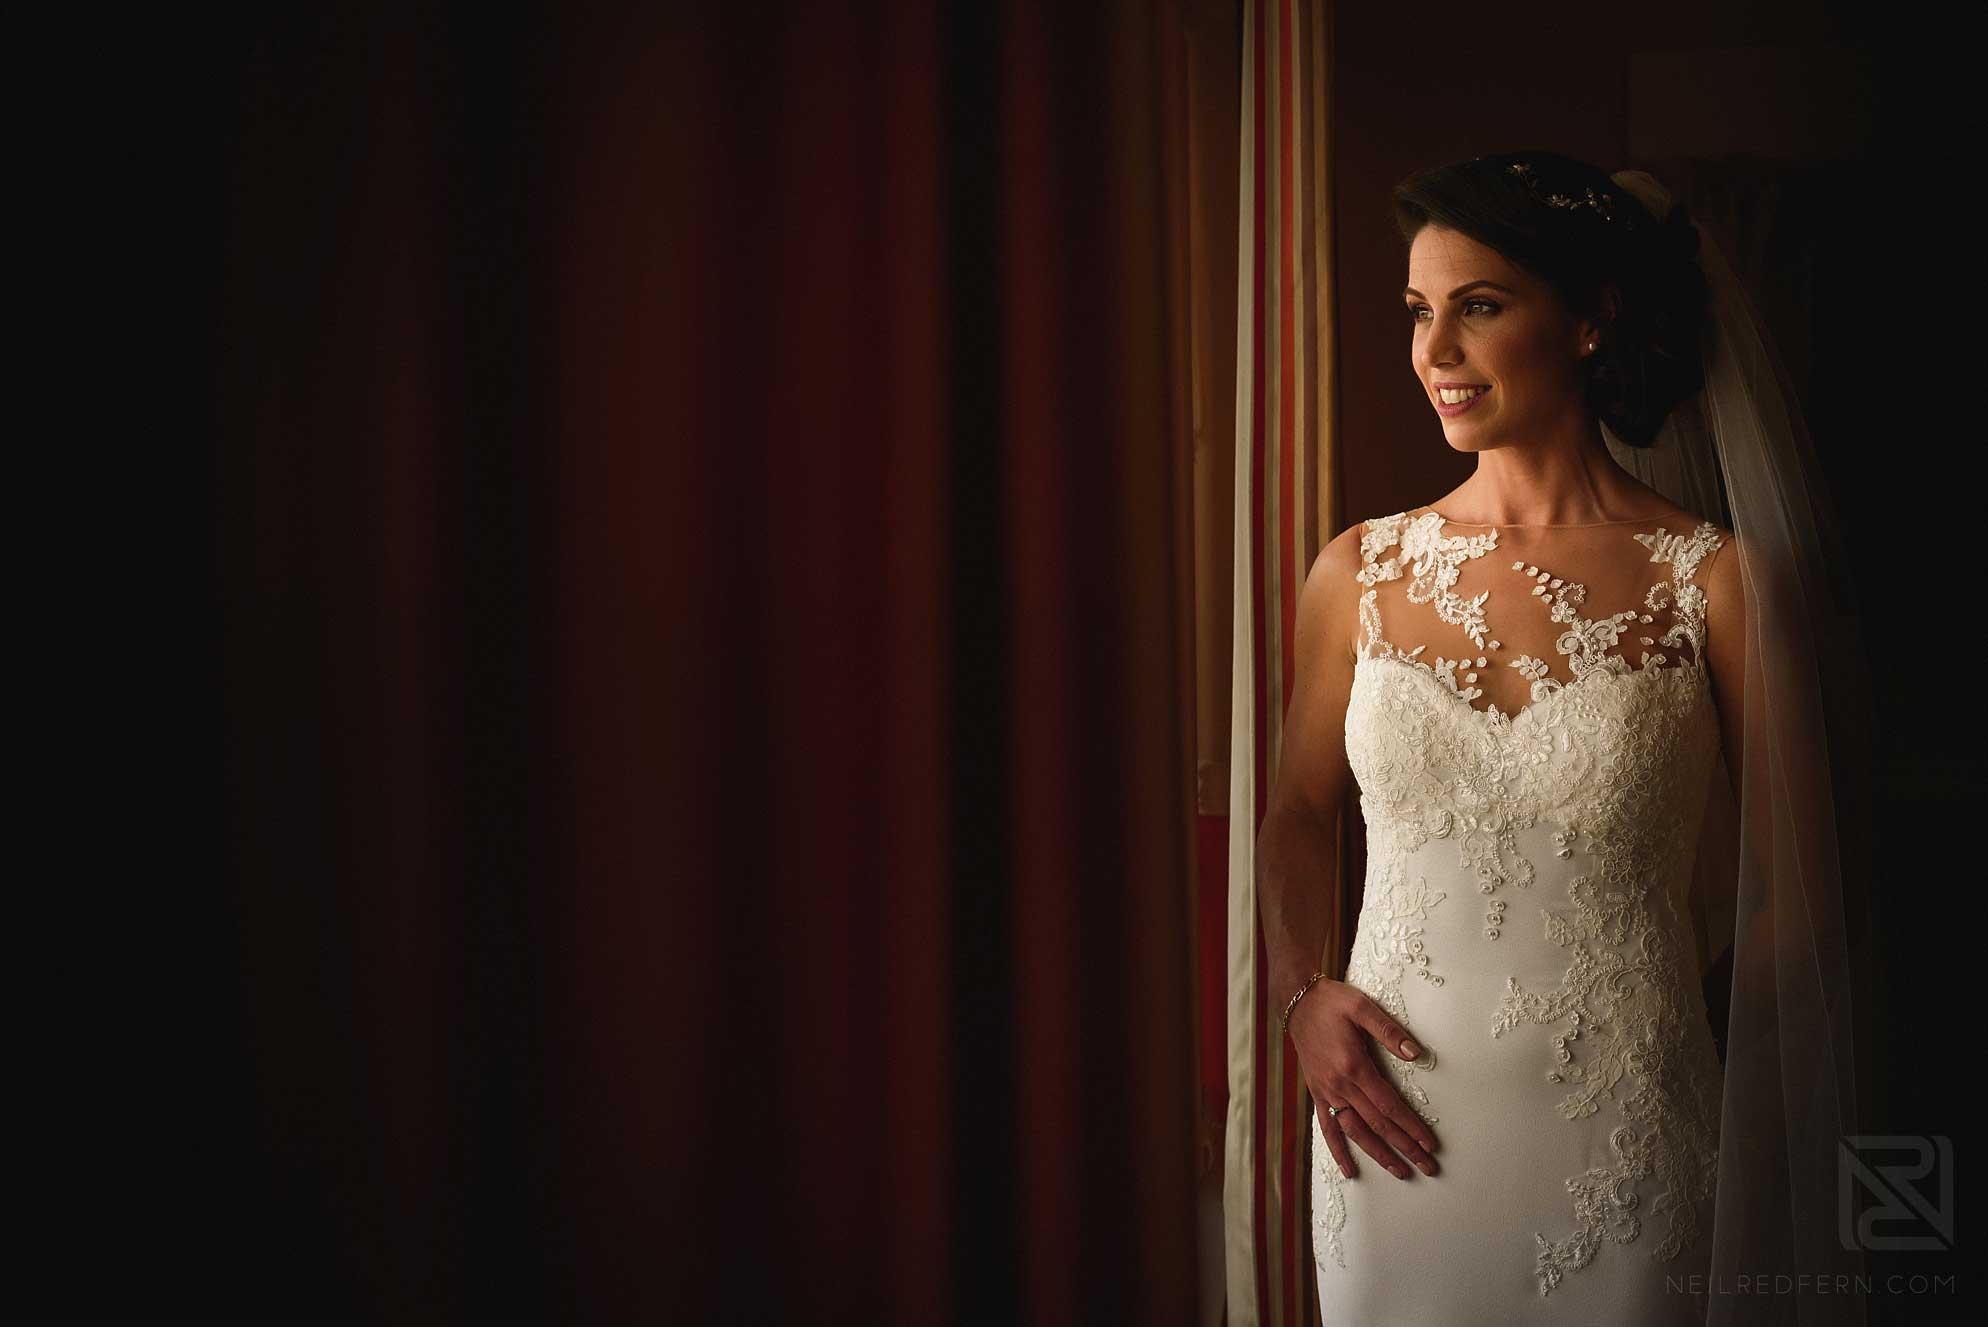 Nanteos-Mansion-wedding-photographs-12